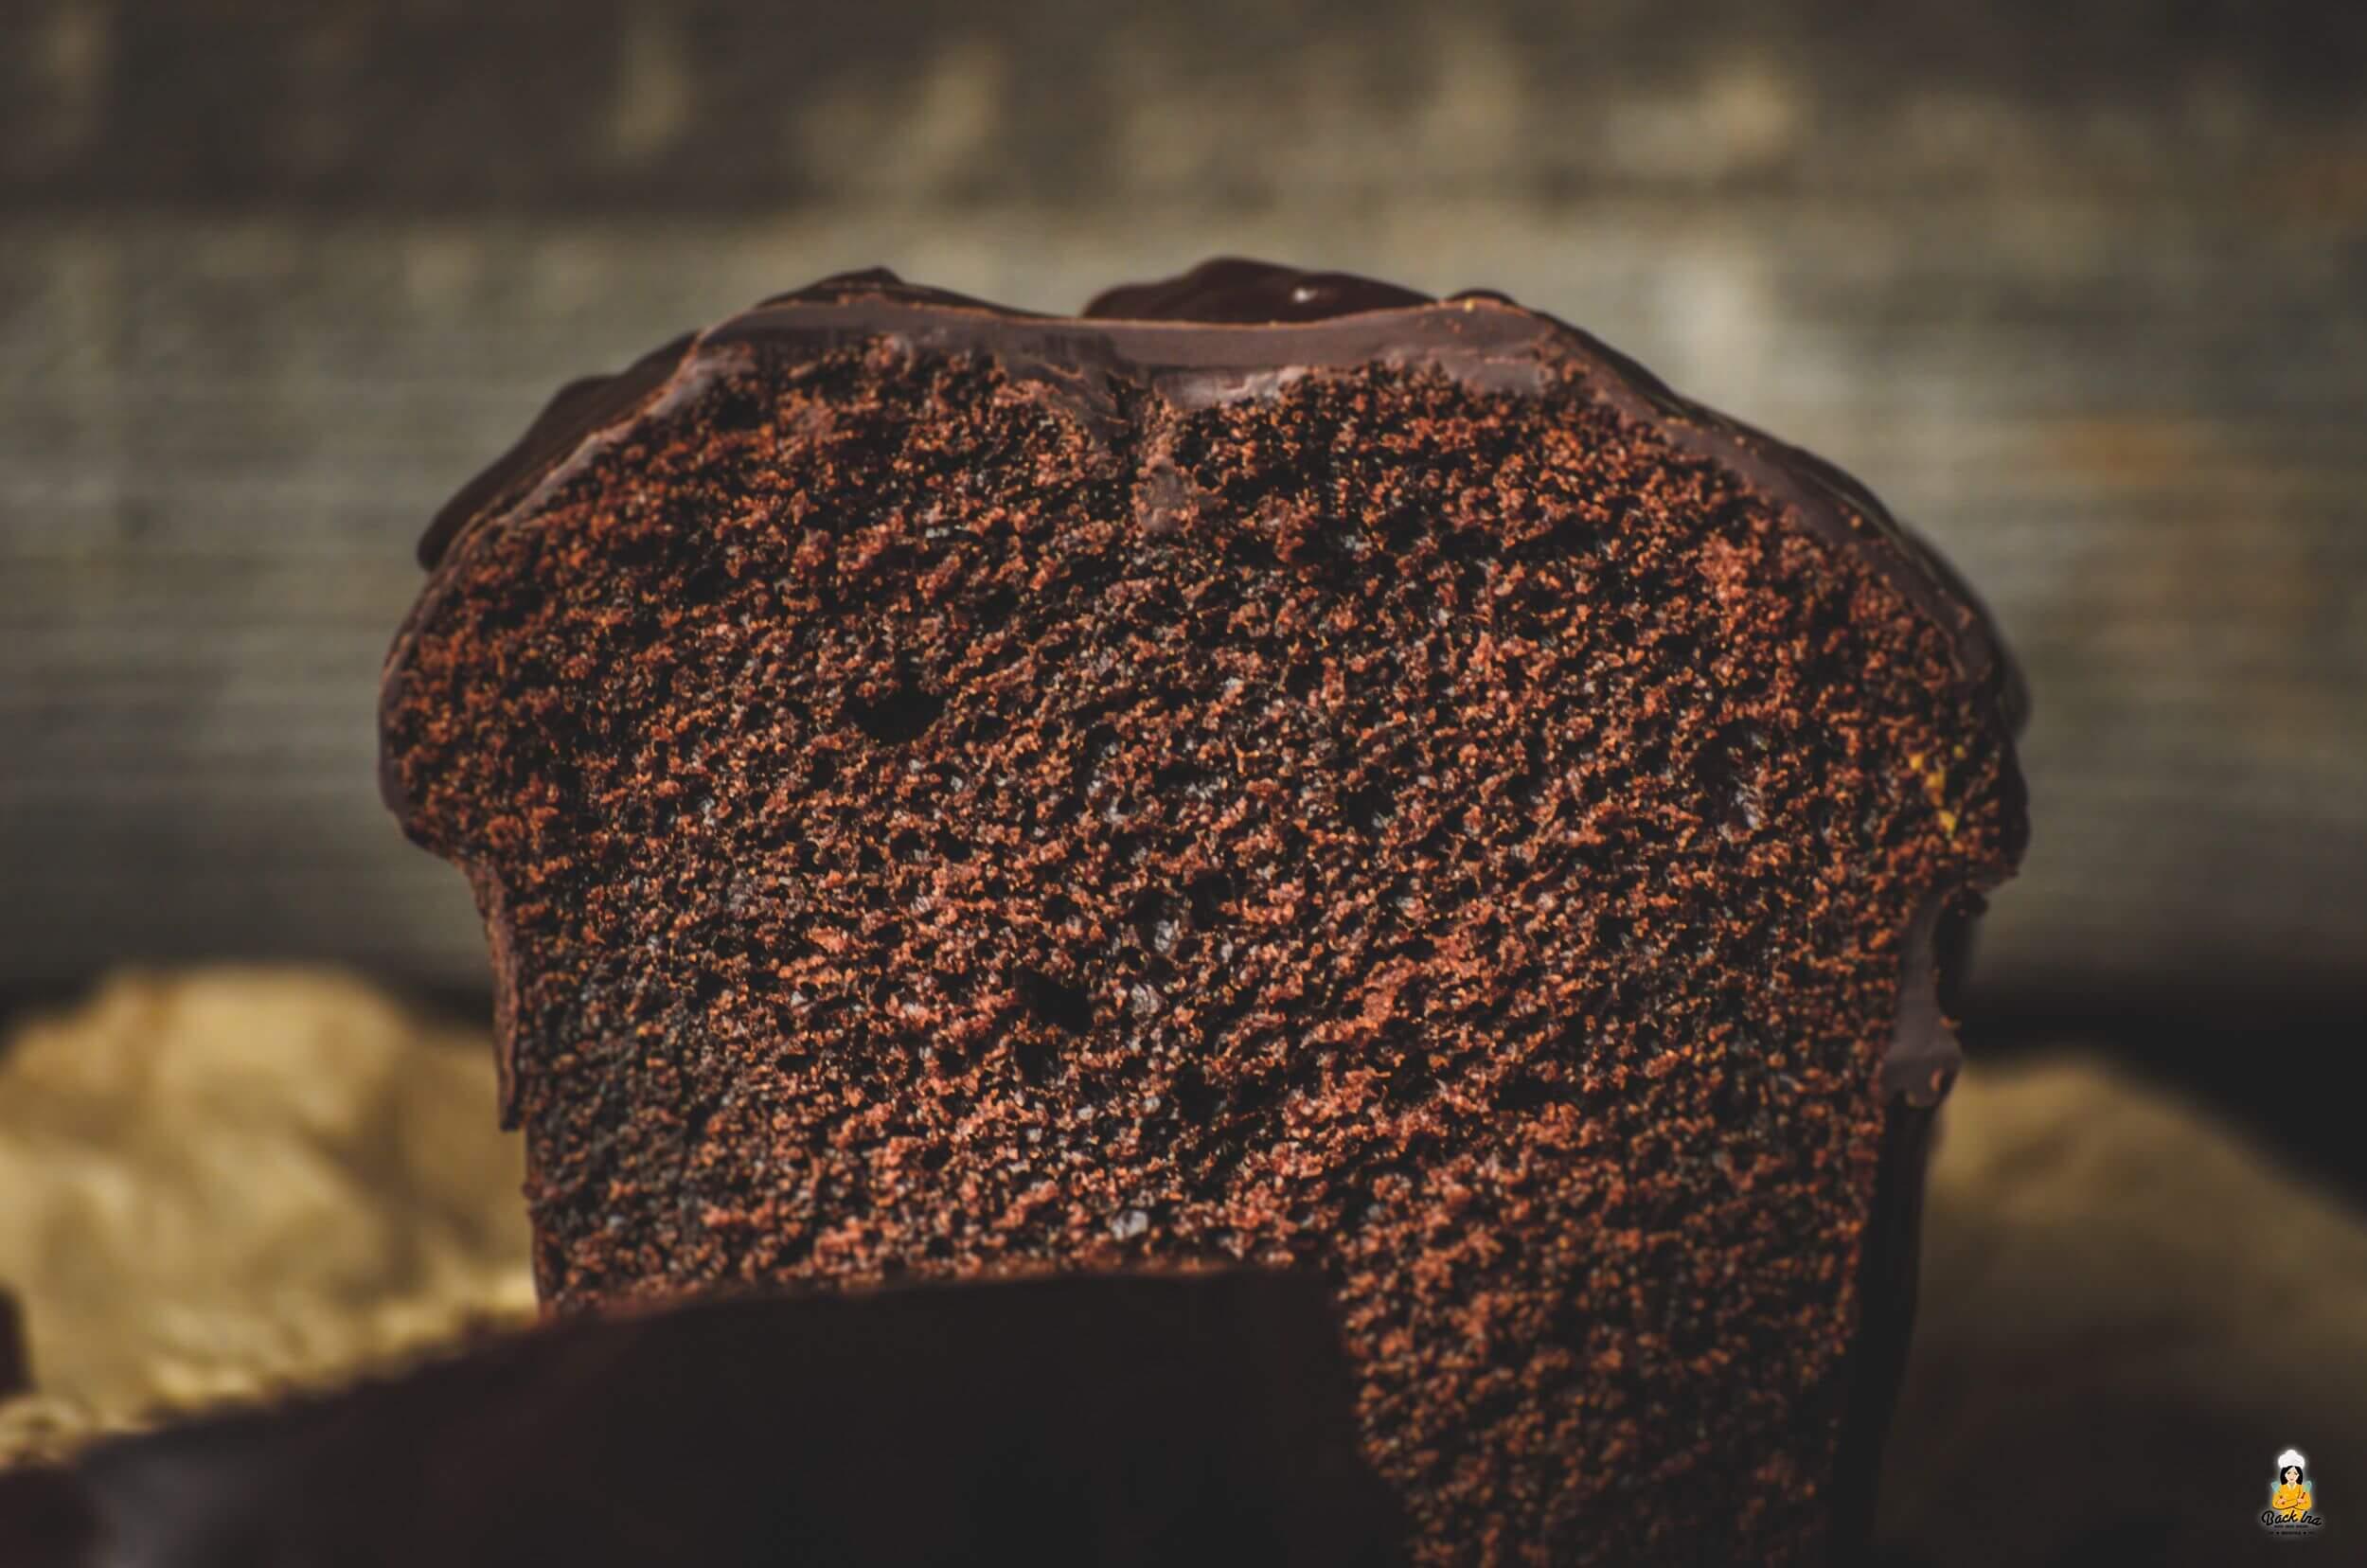 So muss ein Schokoladenkuchen aussehen: Der für mich beste Schokoladenkuchen der Welt ist saftig, aber locker!